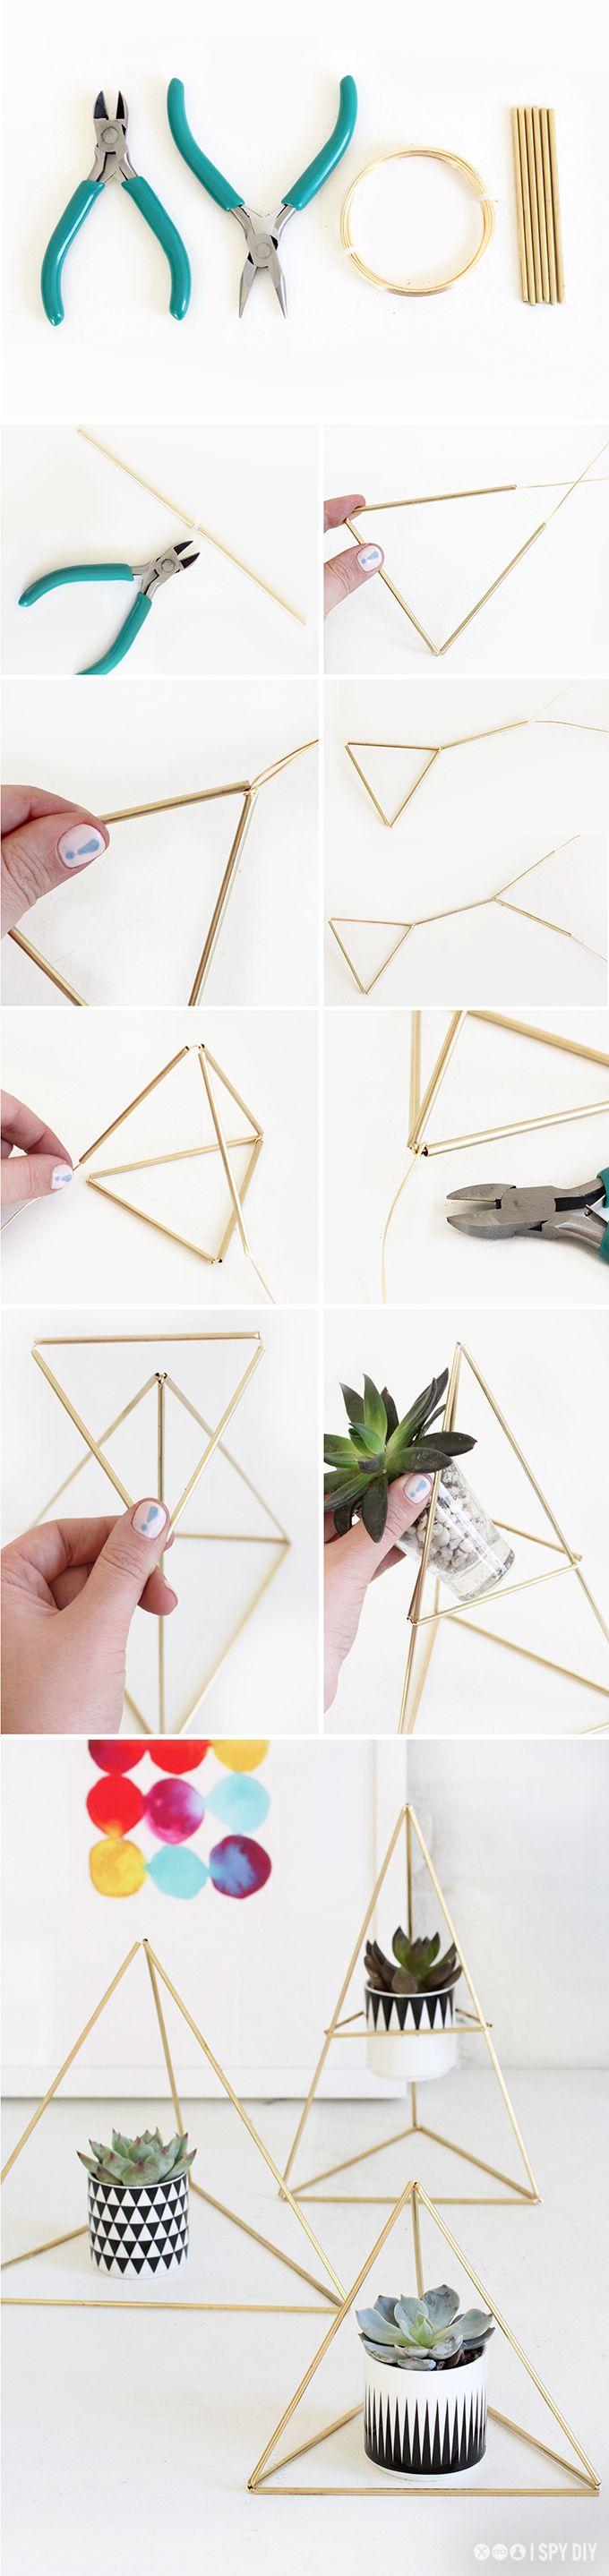 My diy himmeli triangle succulent holder diy manualidades decoraci n para el hogar de - Bricolaje y decoracion ...